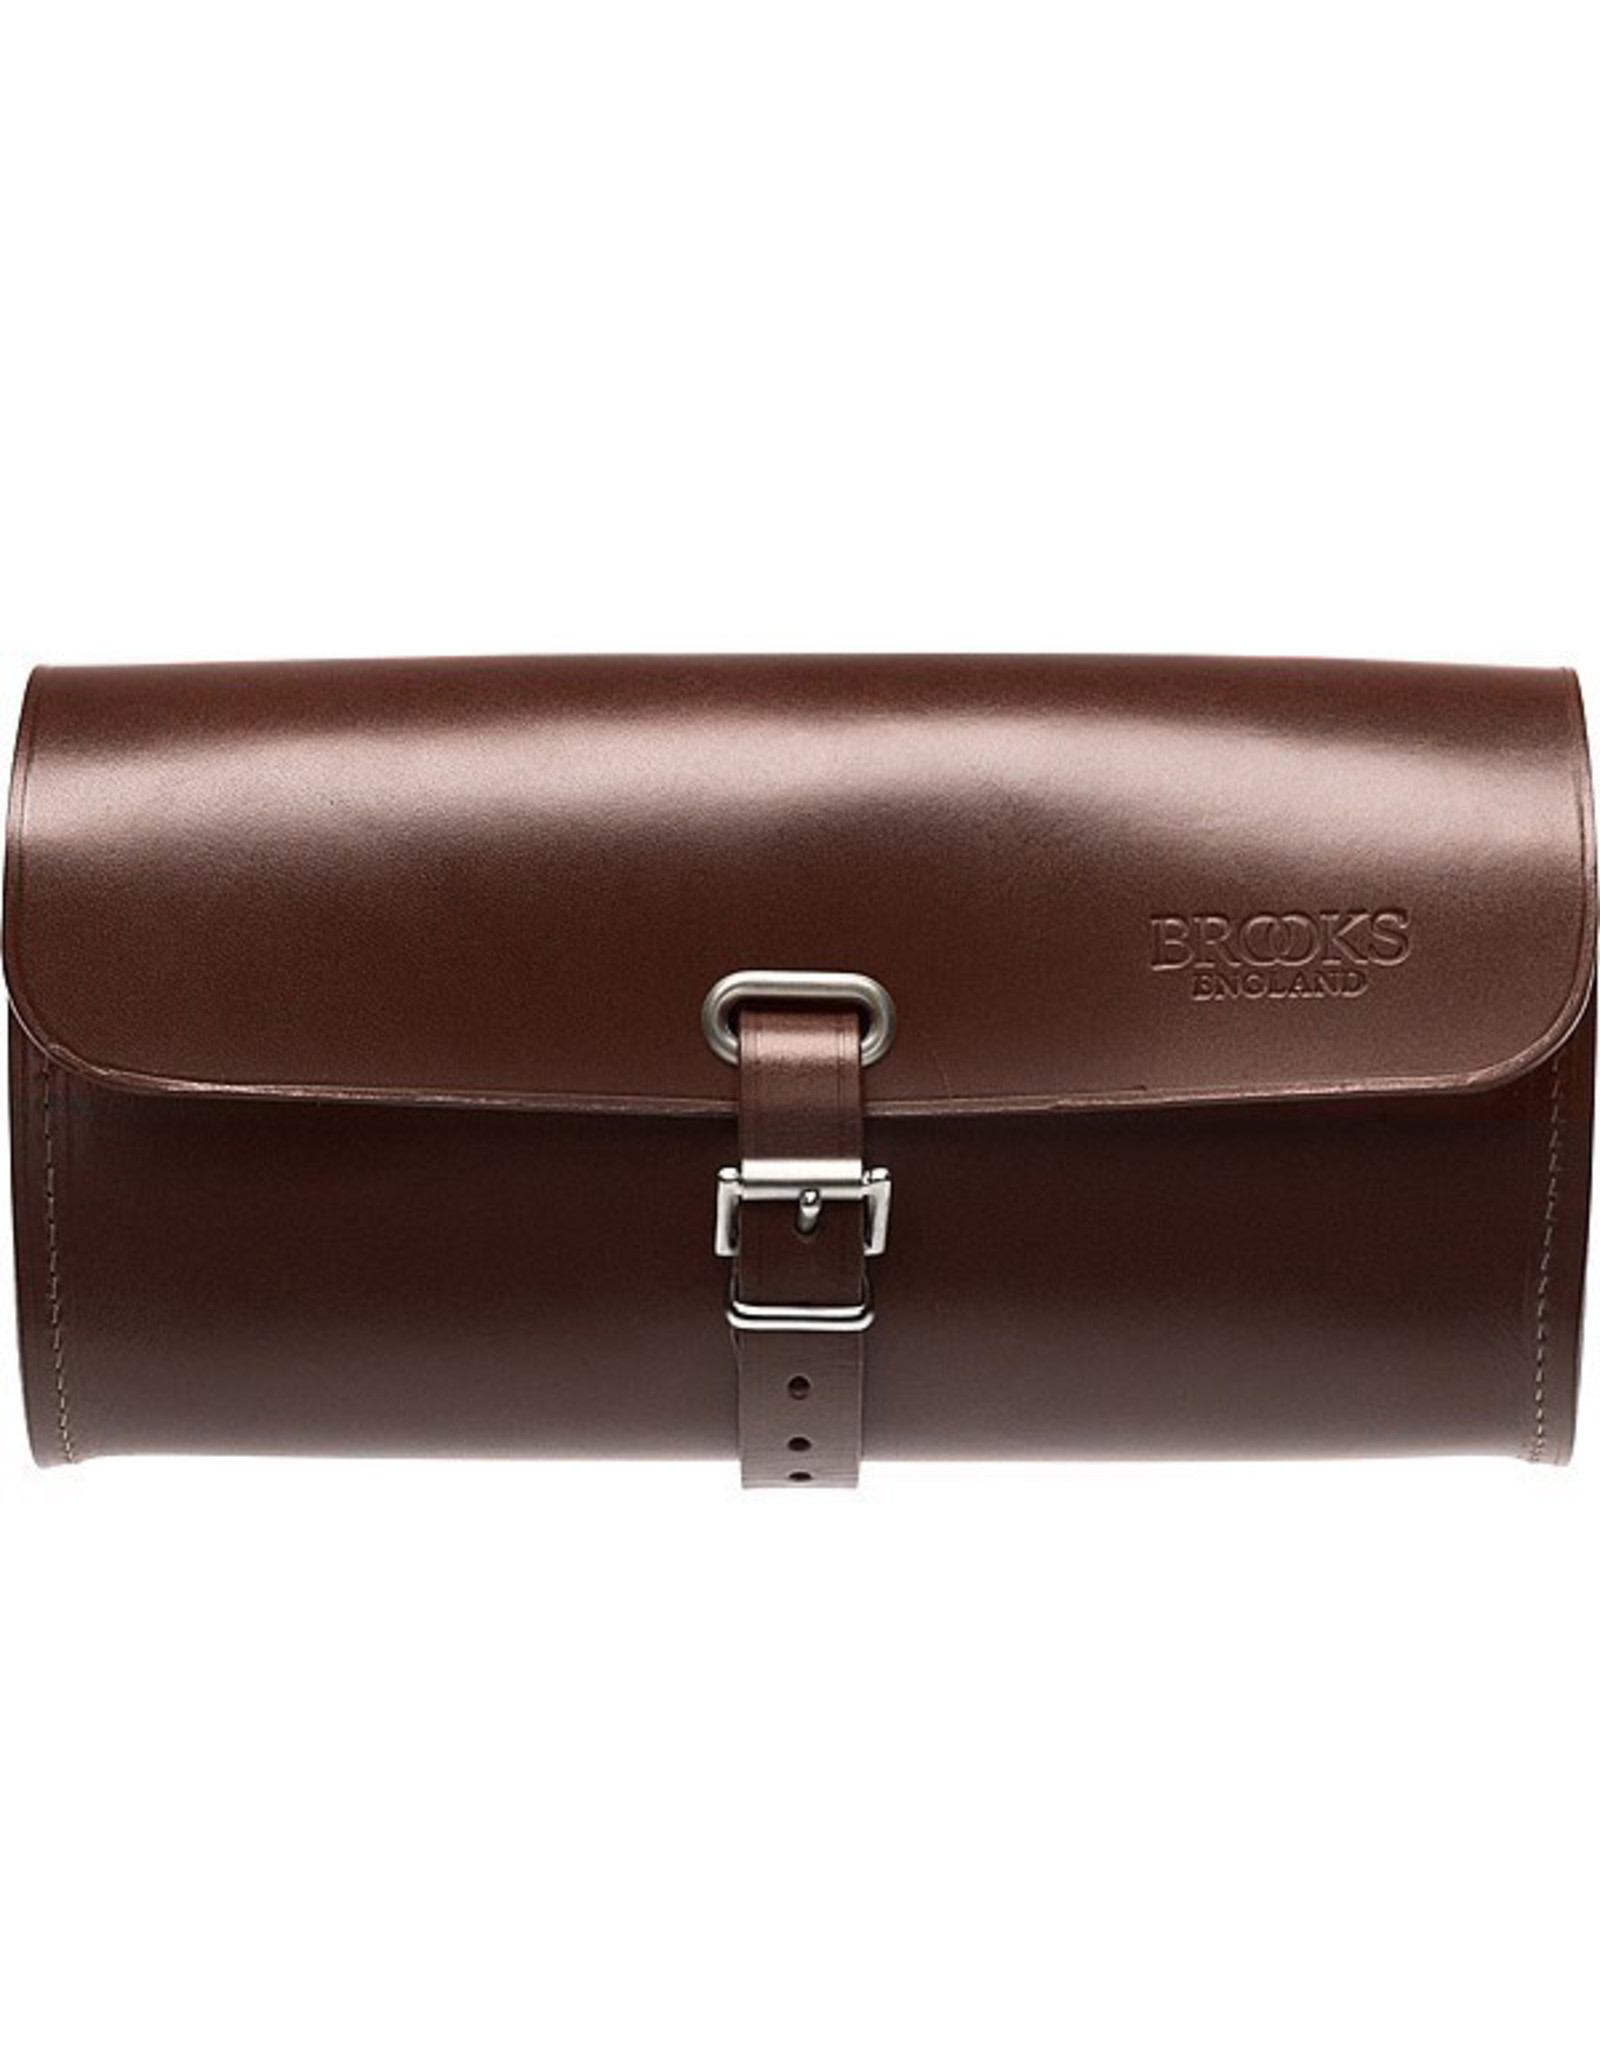 Brooks - Challenge Large Tool Bag - Brown